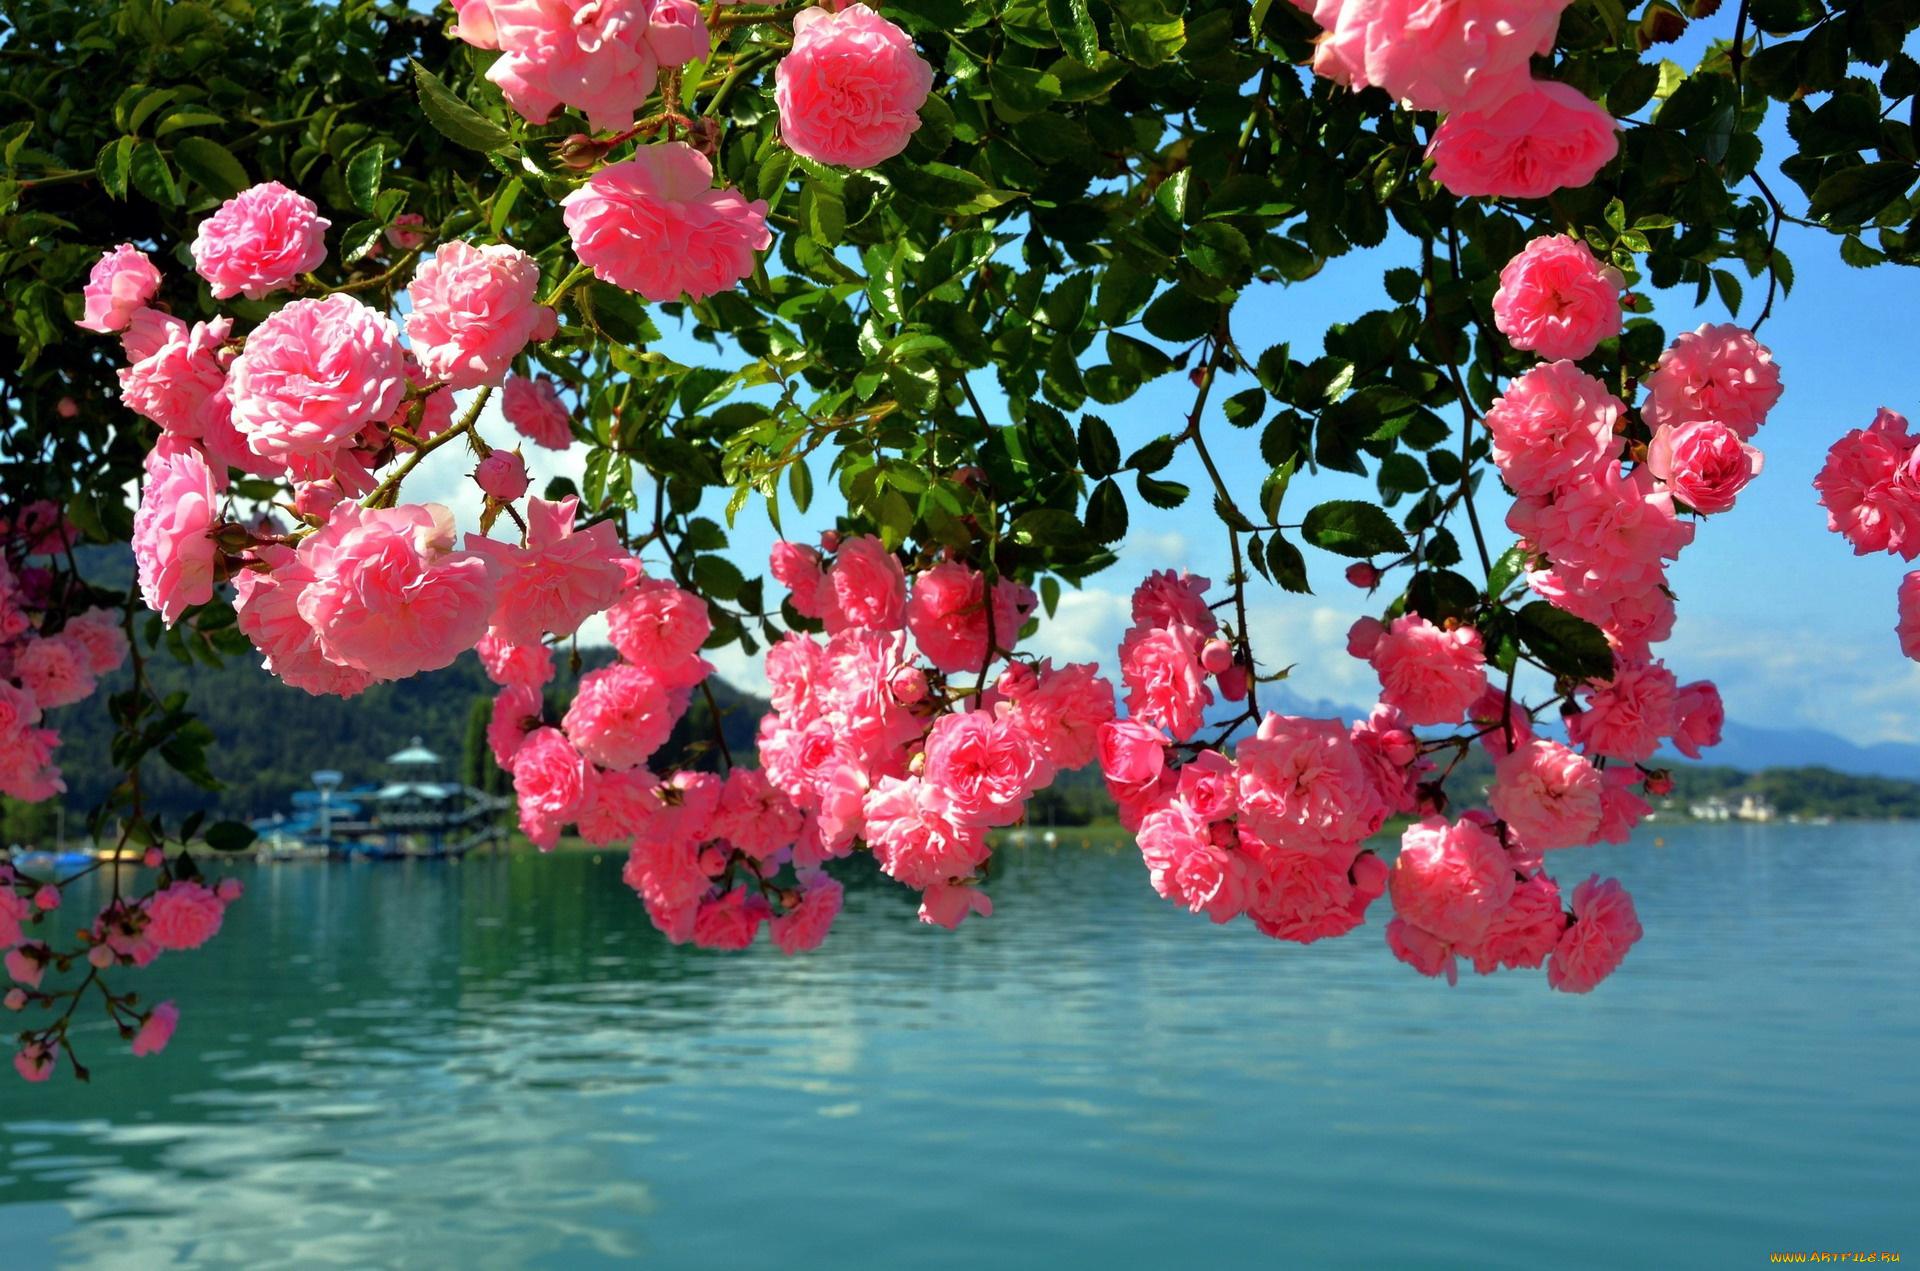 Картинки море цветов из роз, для лучшего